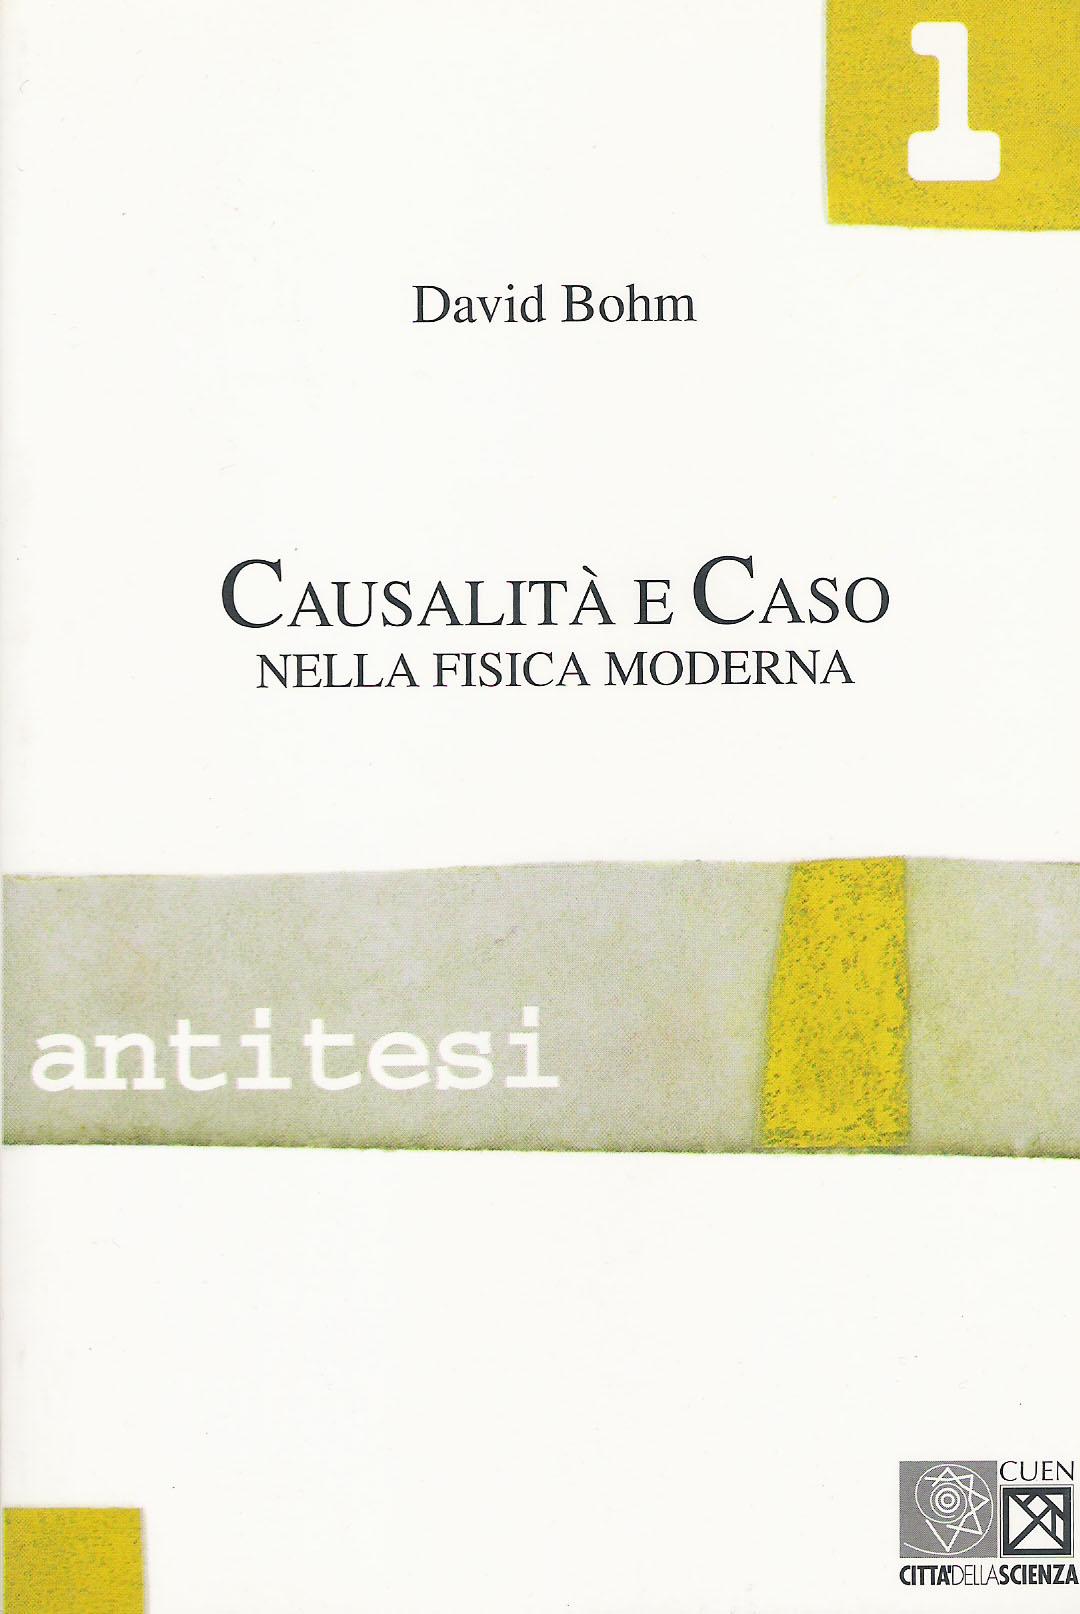 Causalità e caso nella fisica moderna